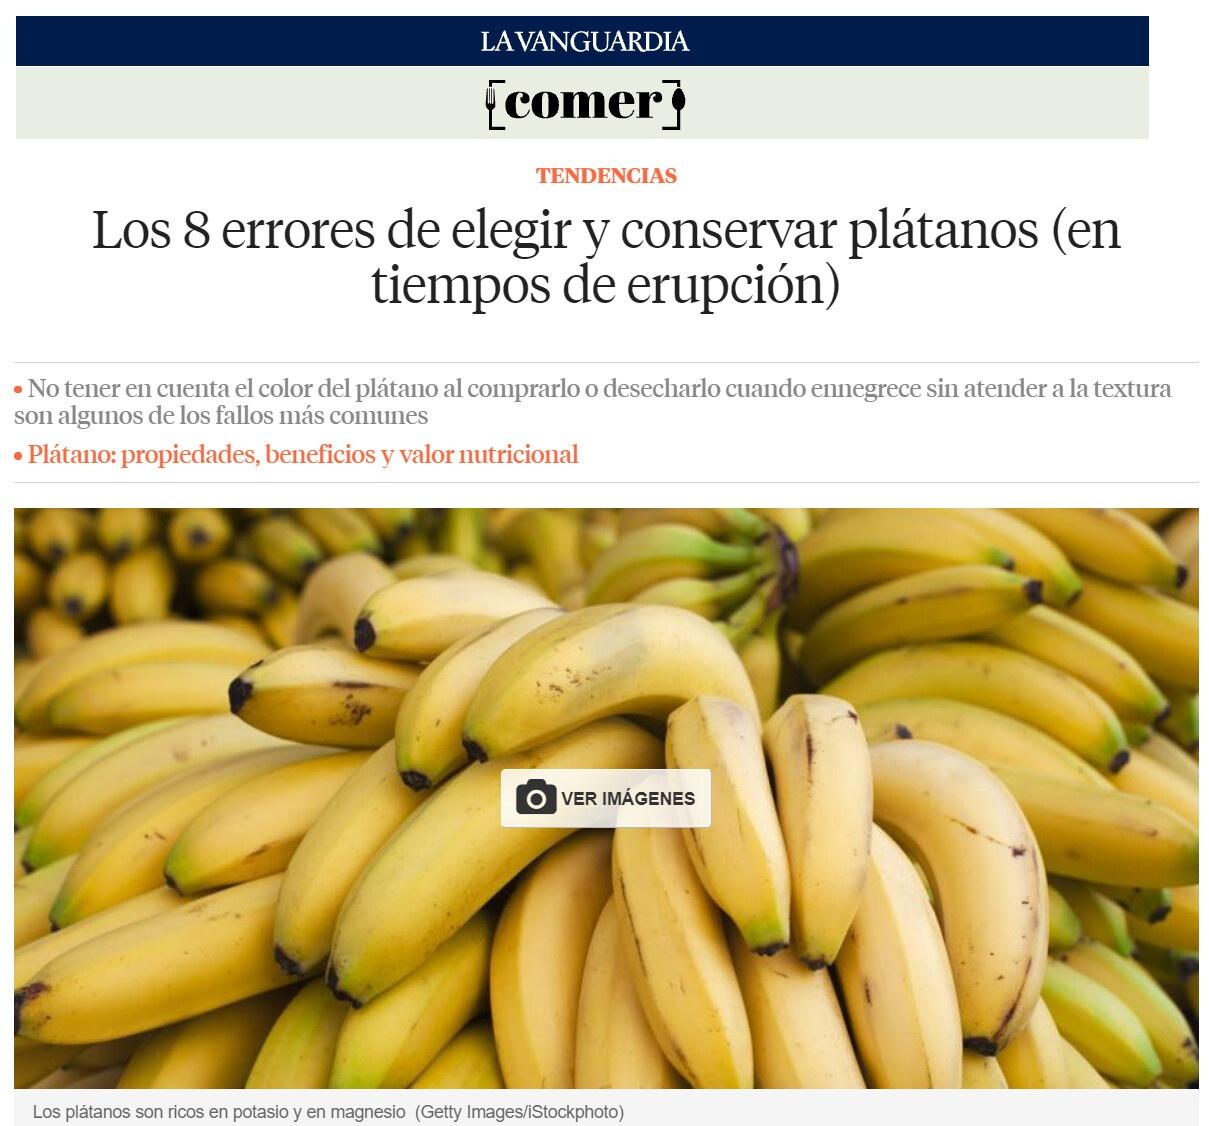 8 errores elegir plátanos - Artículo La Vanguardia